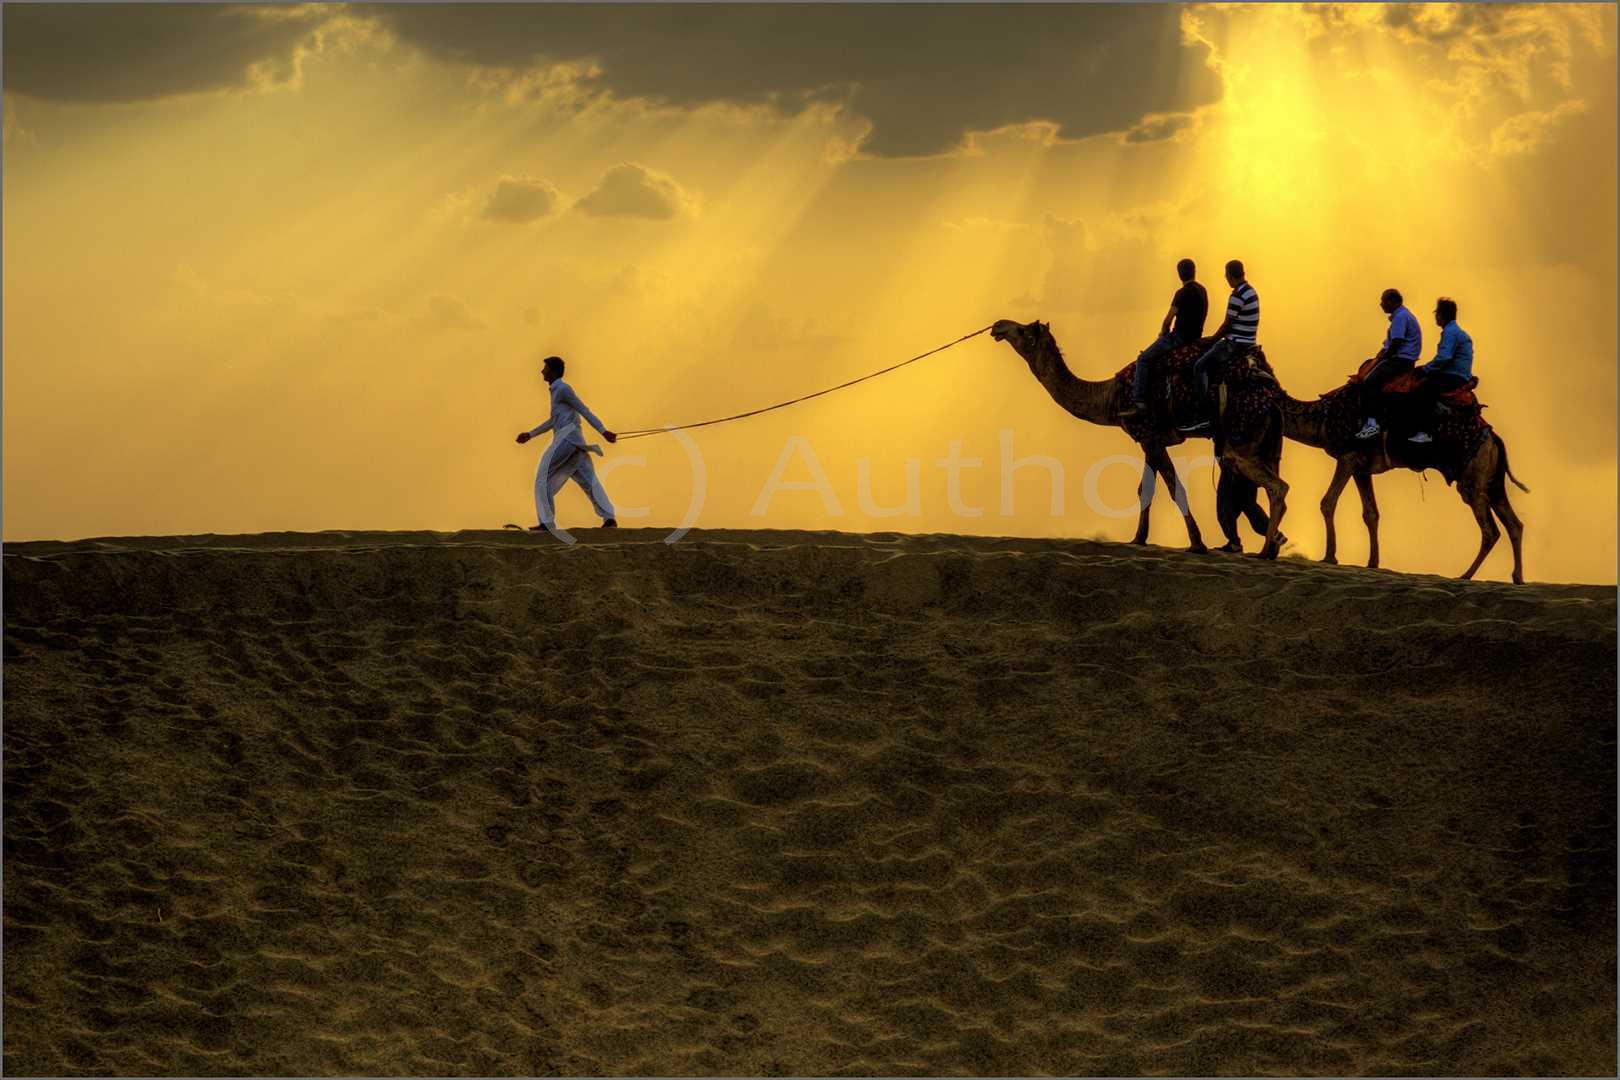 1_PI_Jaisalmer Desert India _Stephen Kangisser